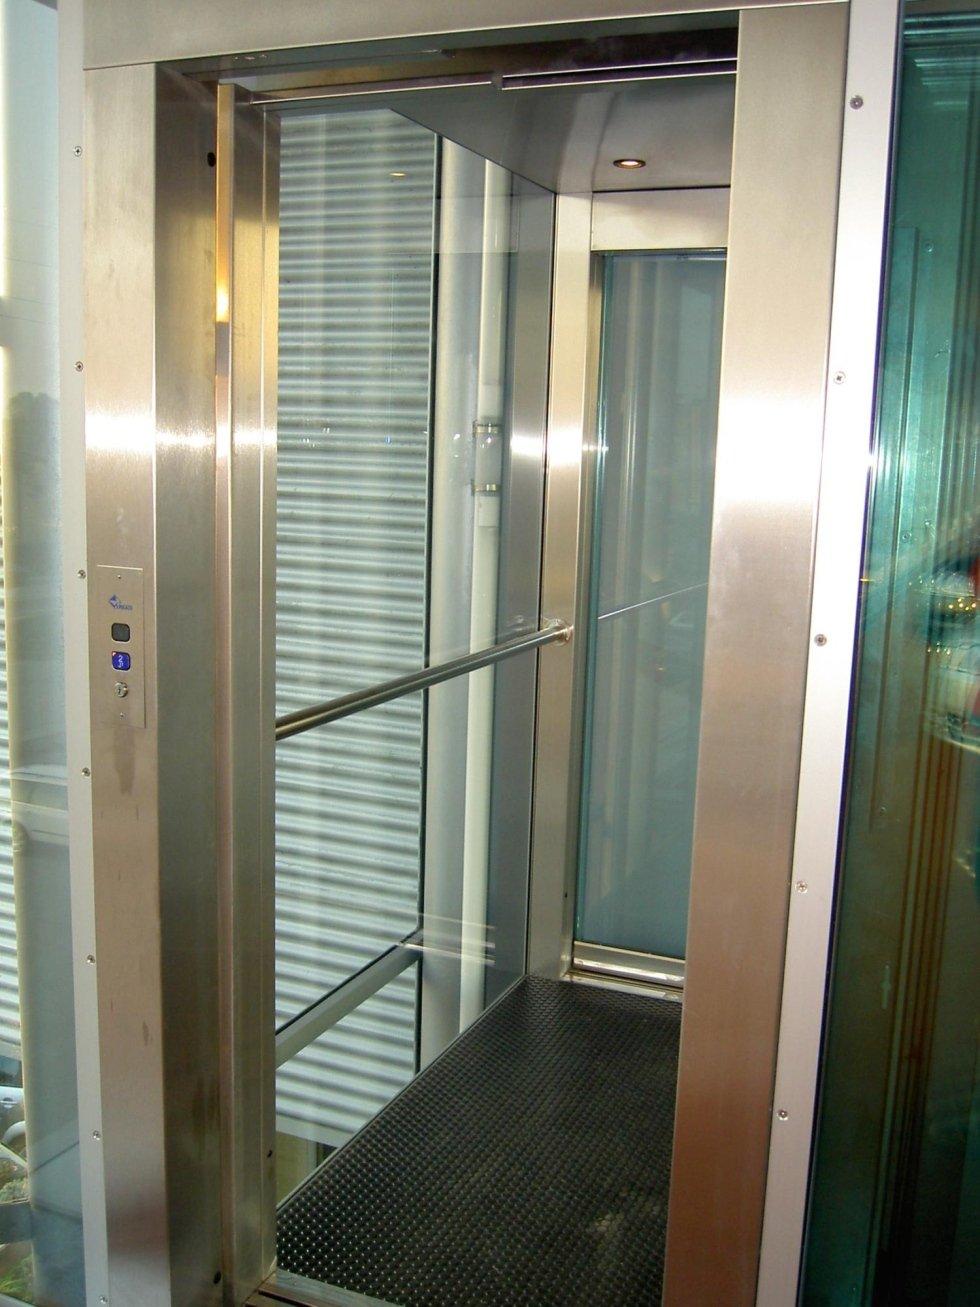 cabina panoramica di ascensore con parete in vetro-vista laterale